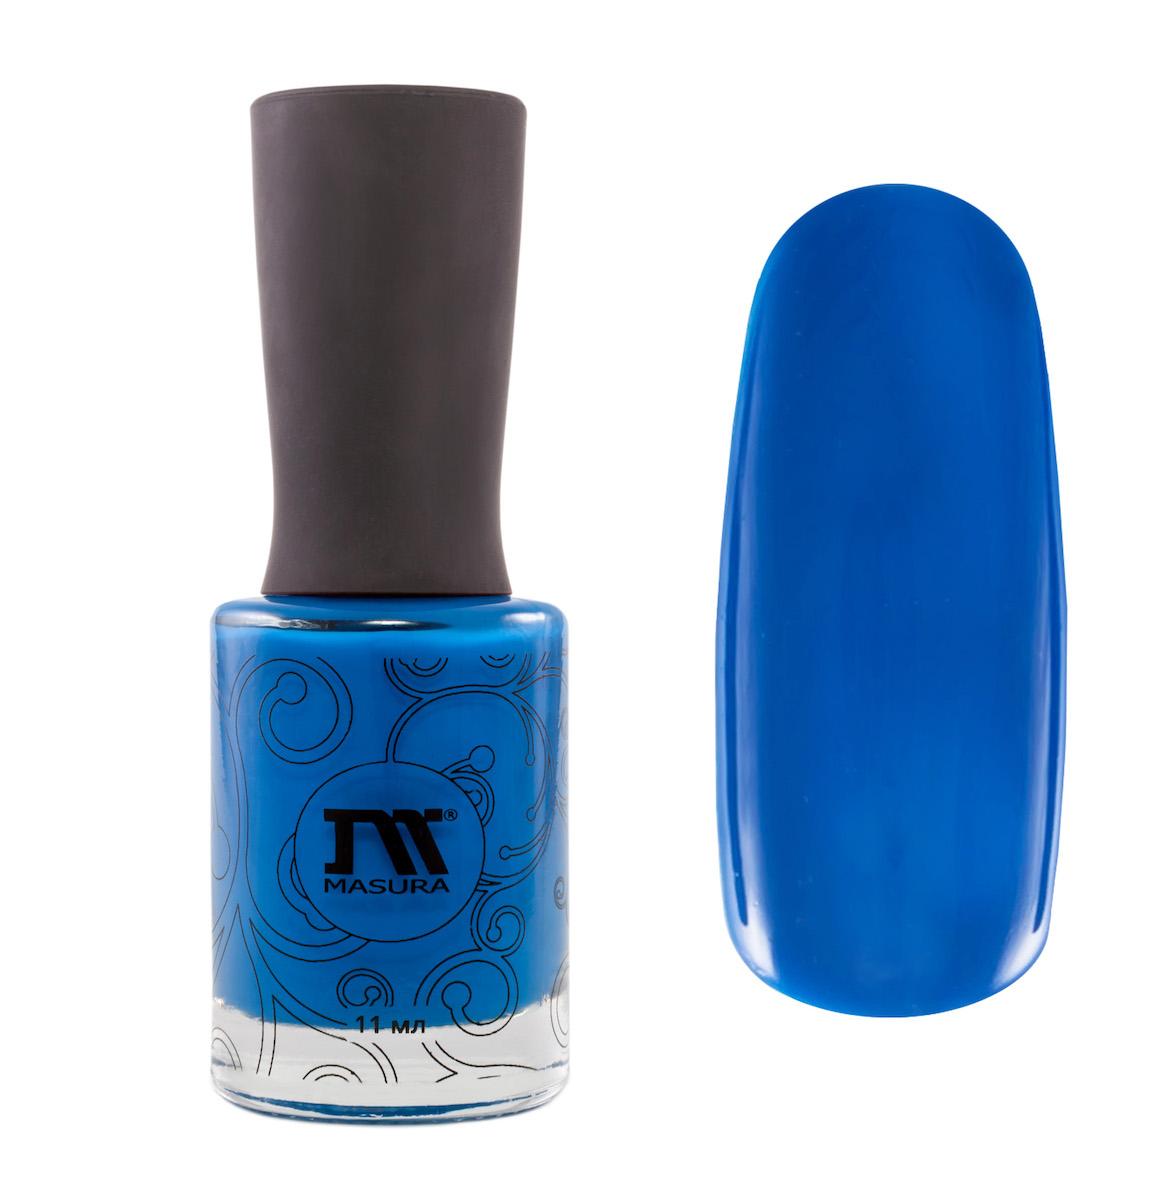 Masura Лак для ногтей В Активном Поиске, 11 мл295-06Мсиний джинсовый, эмалевый